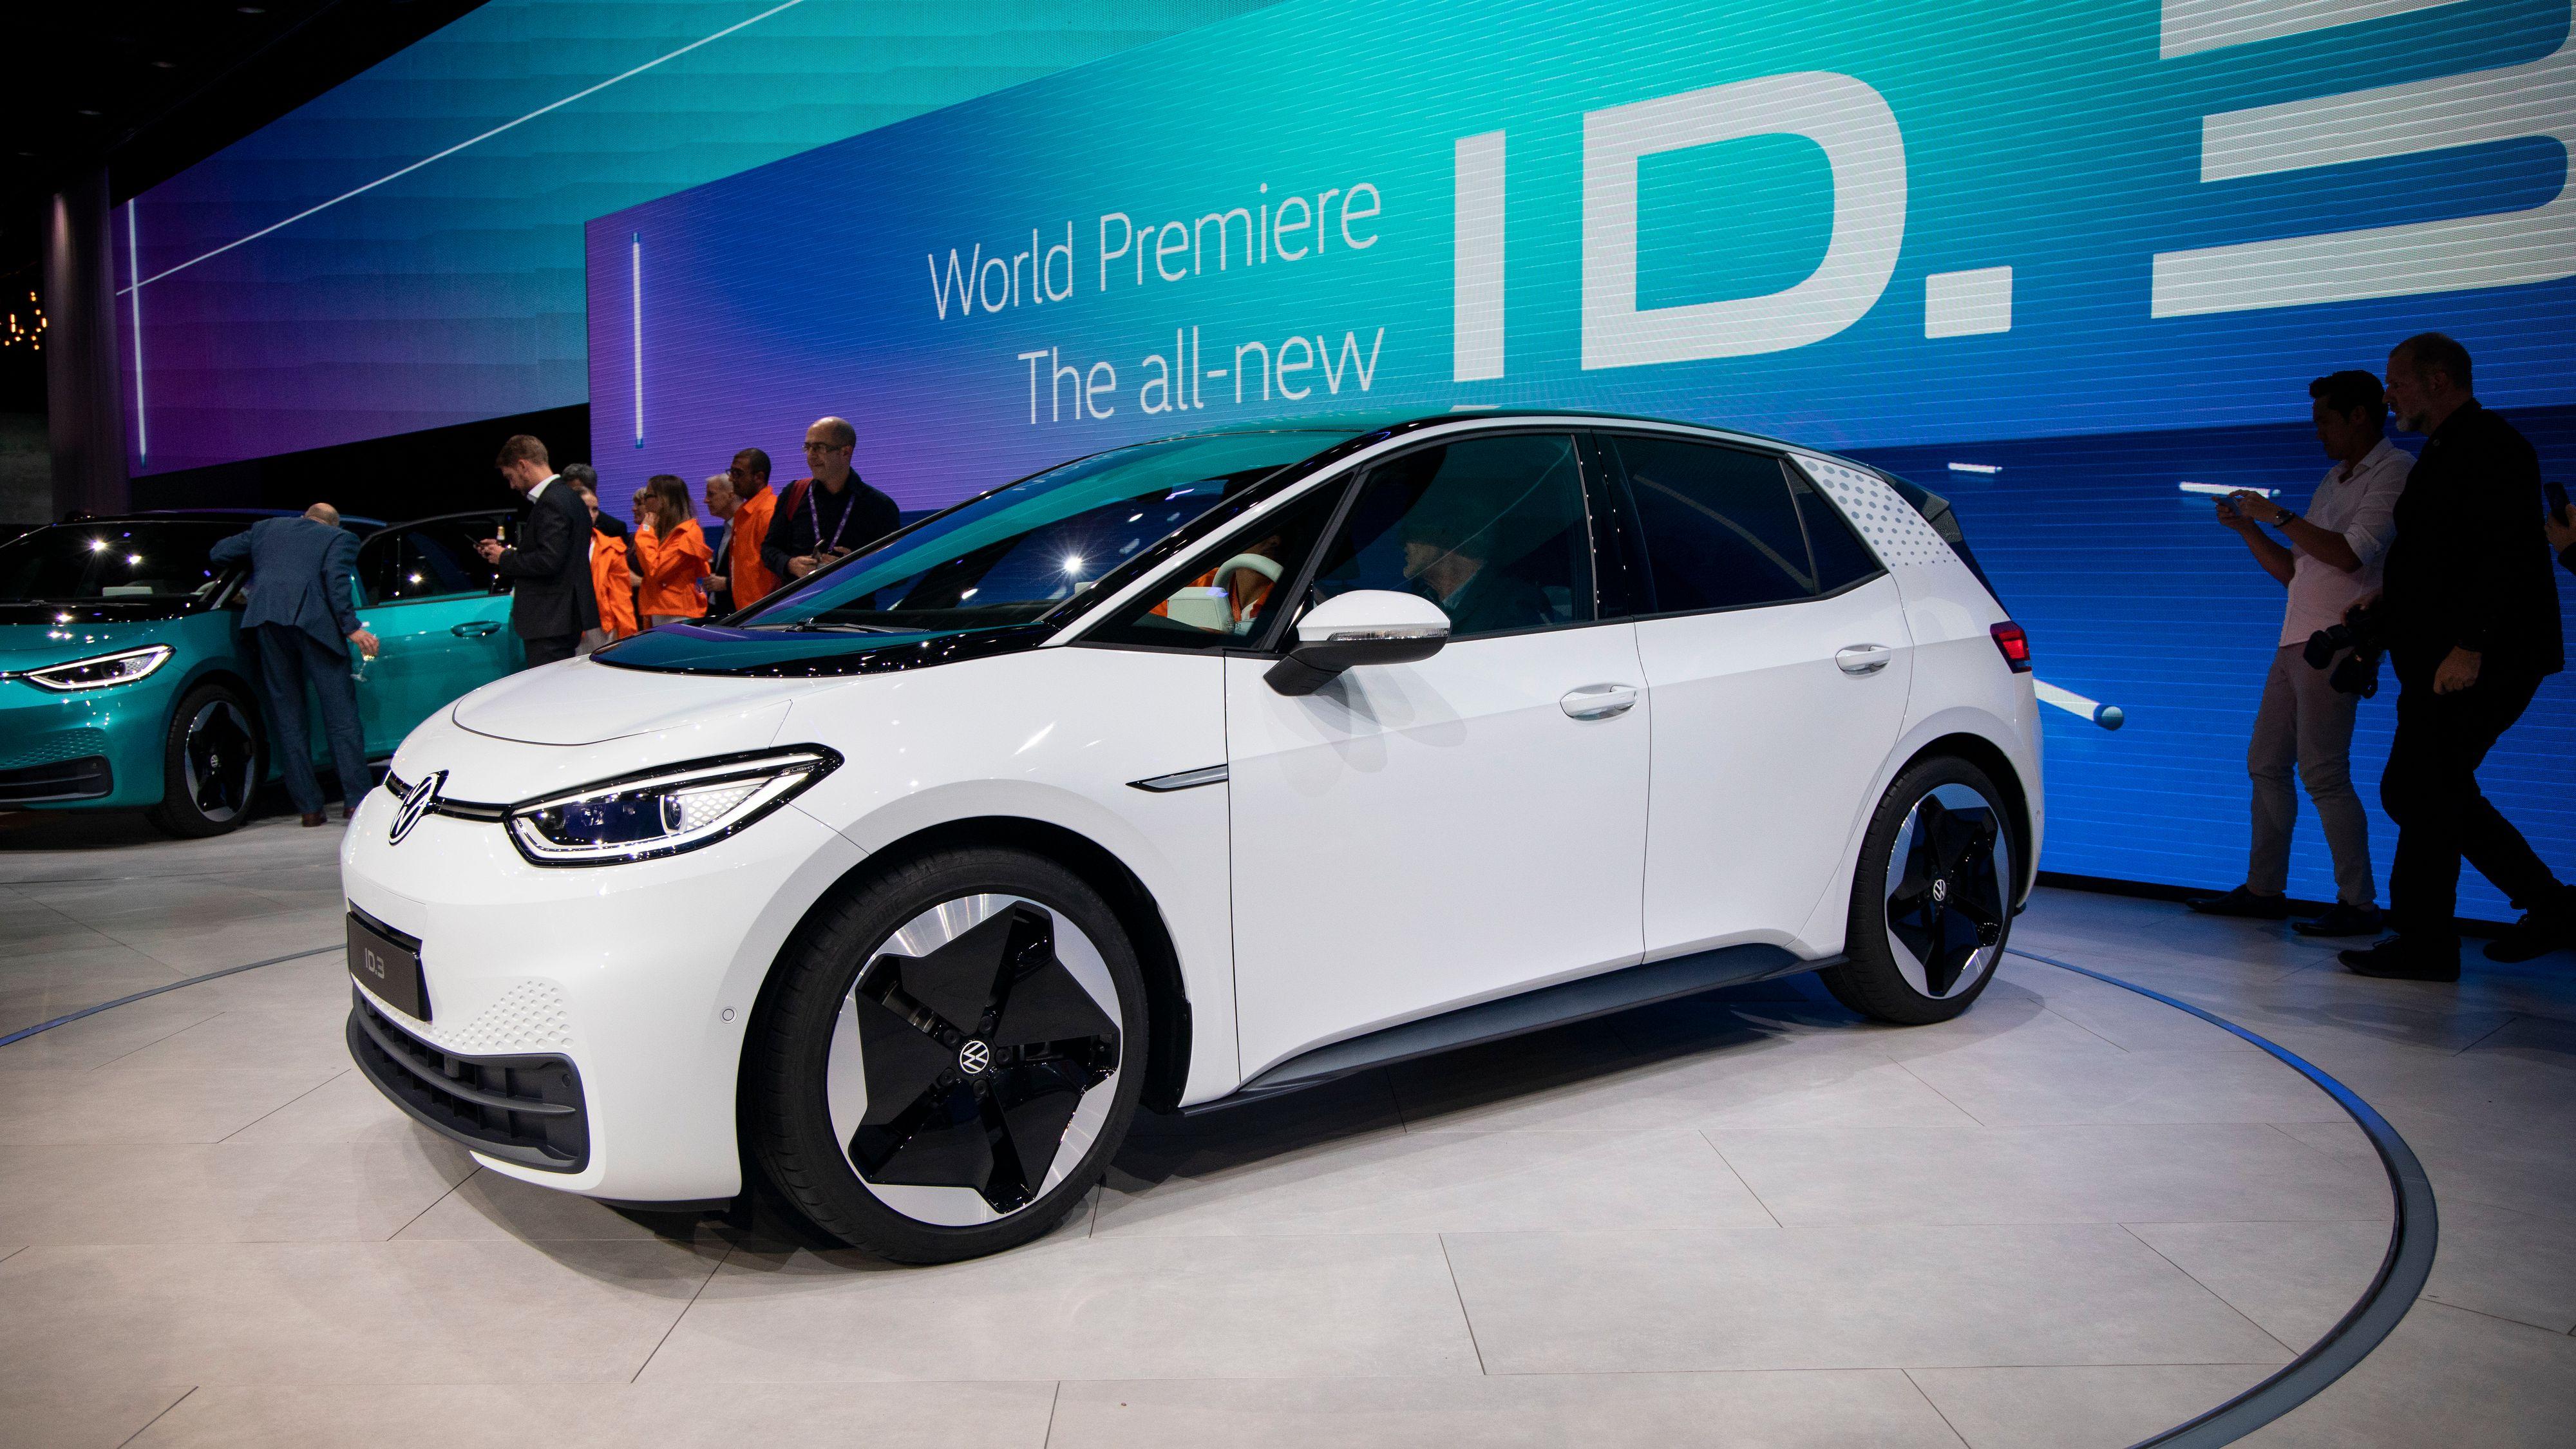 Valutasituasjonen gjør at også Volkswagen må opp i pris. Ny indikasjon for ID.3 er under 355.000 kroner.